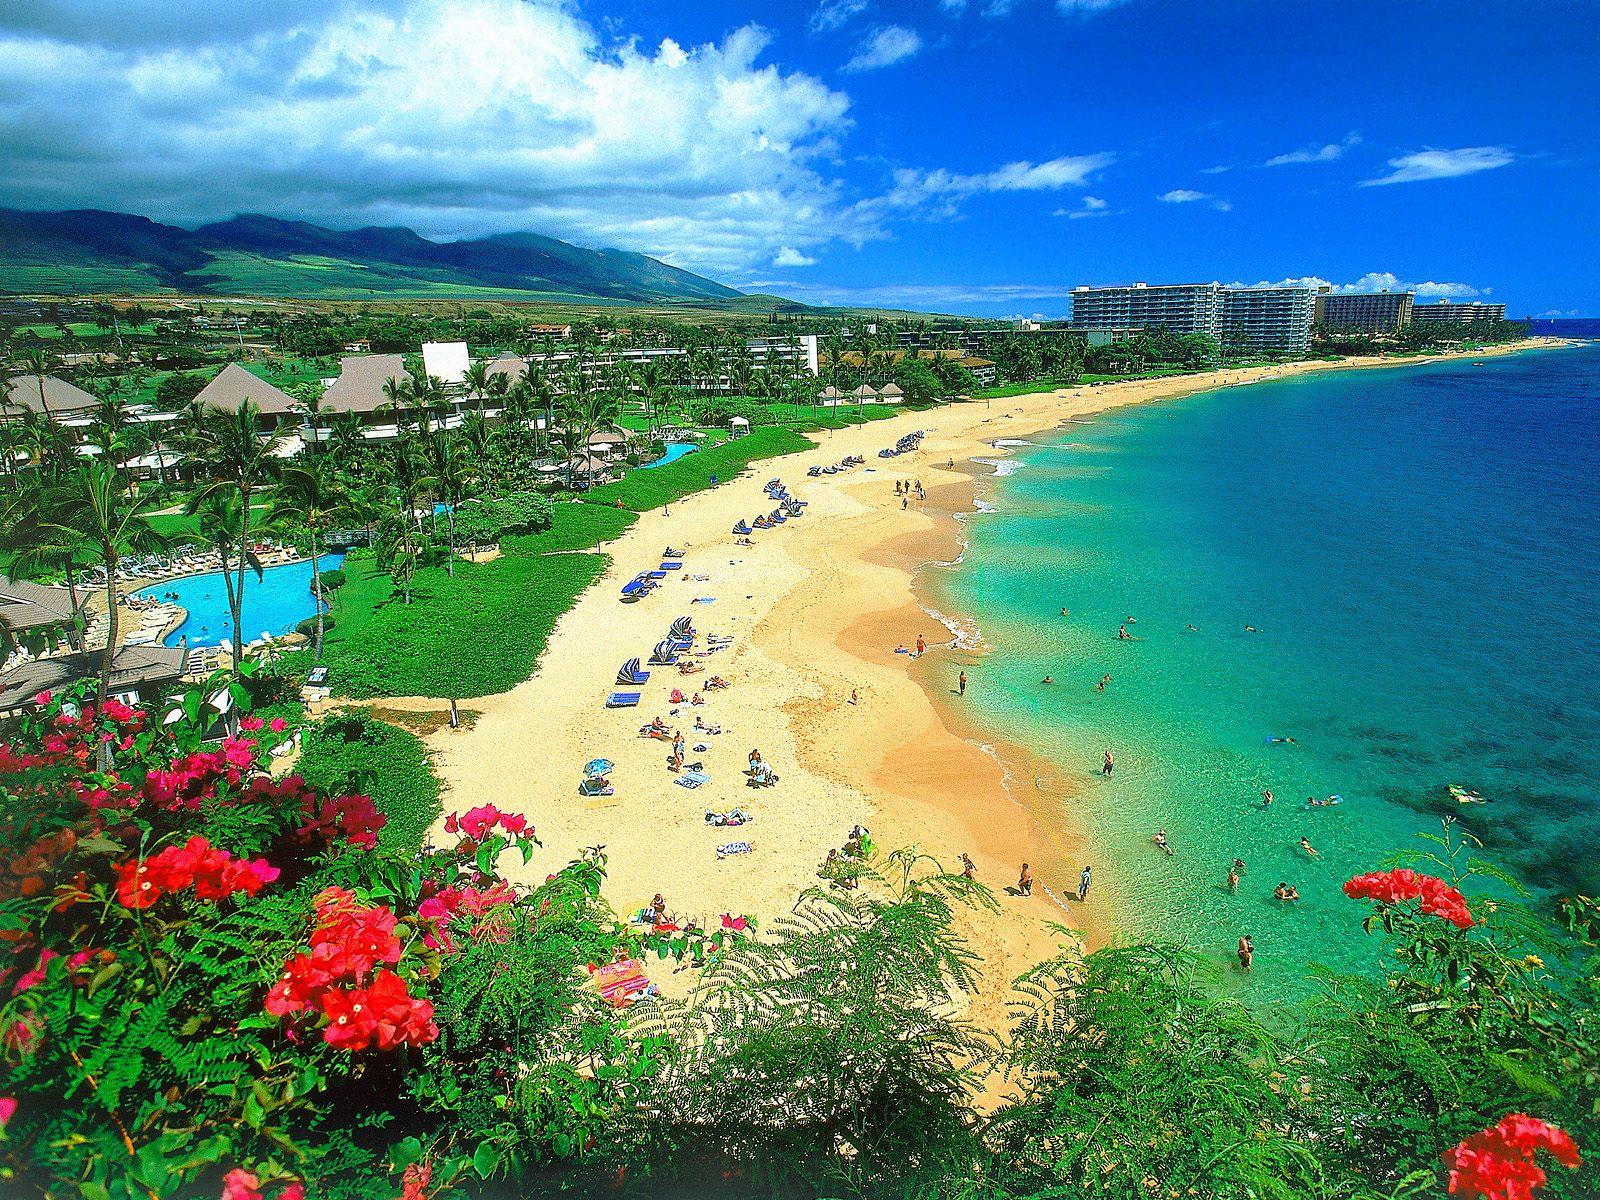 http://4.bp.blogspot.com/-9ziZLC3fdZs/T86X5CijfgI/AAAAAAAAGEY/XXFSu26Az_4/s1600/Kaanapali-Beach-Maui-Hawaii.jpg